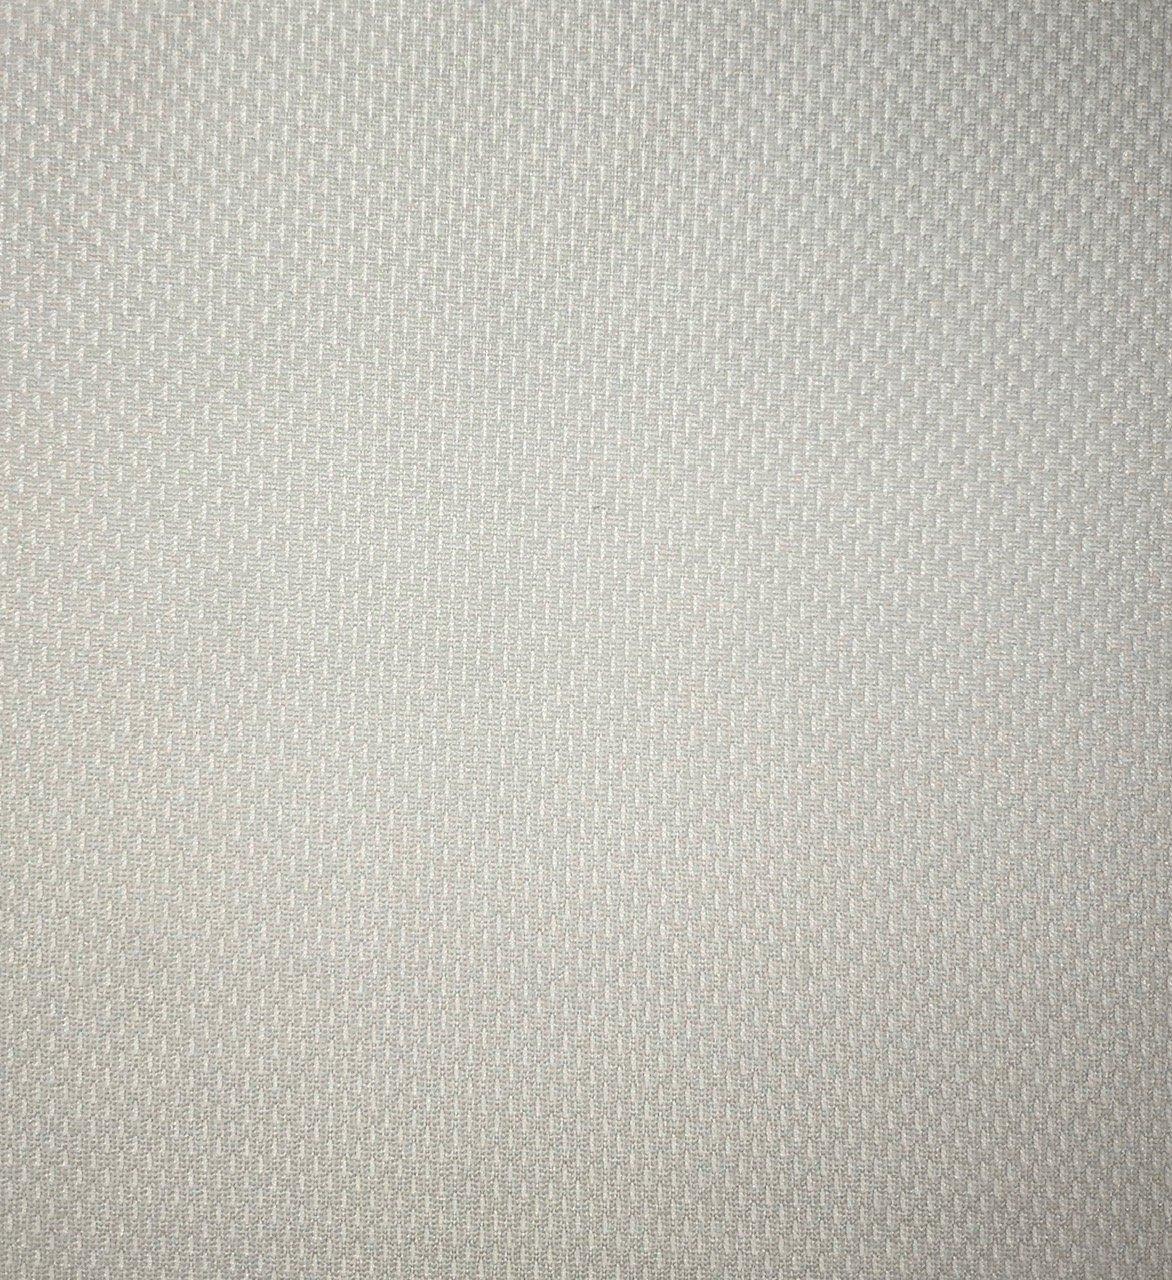 Lining Mesh - White